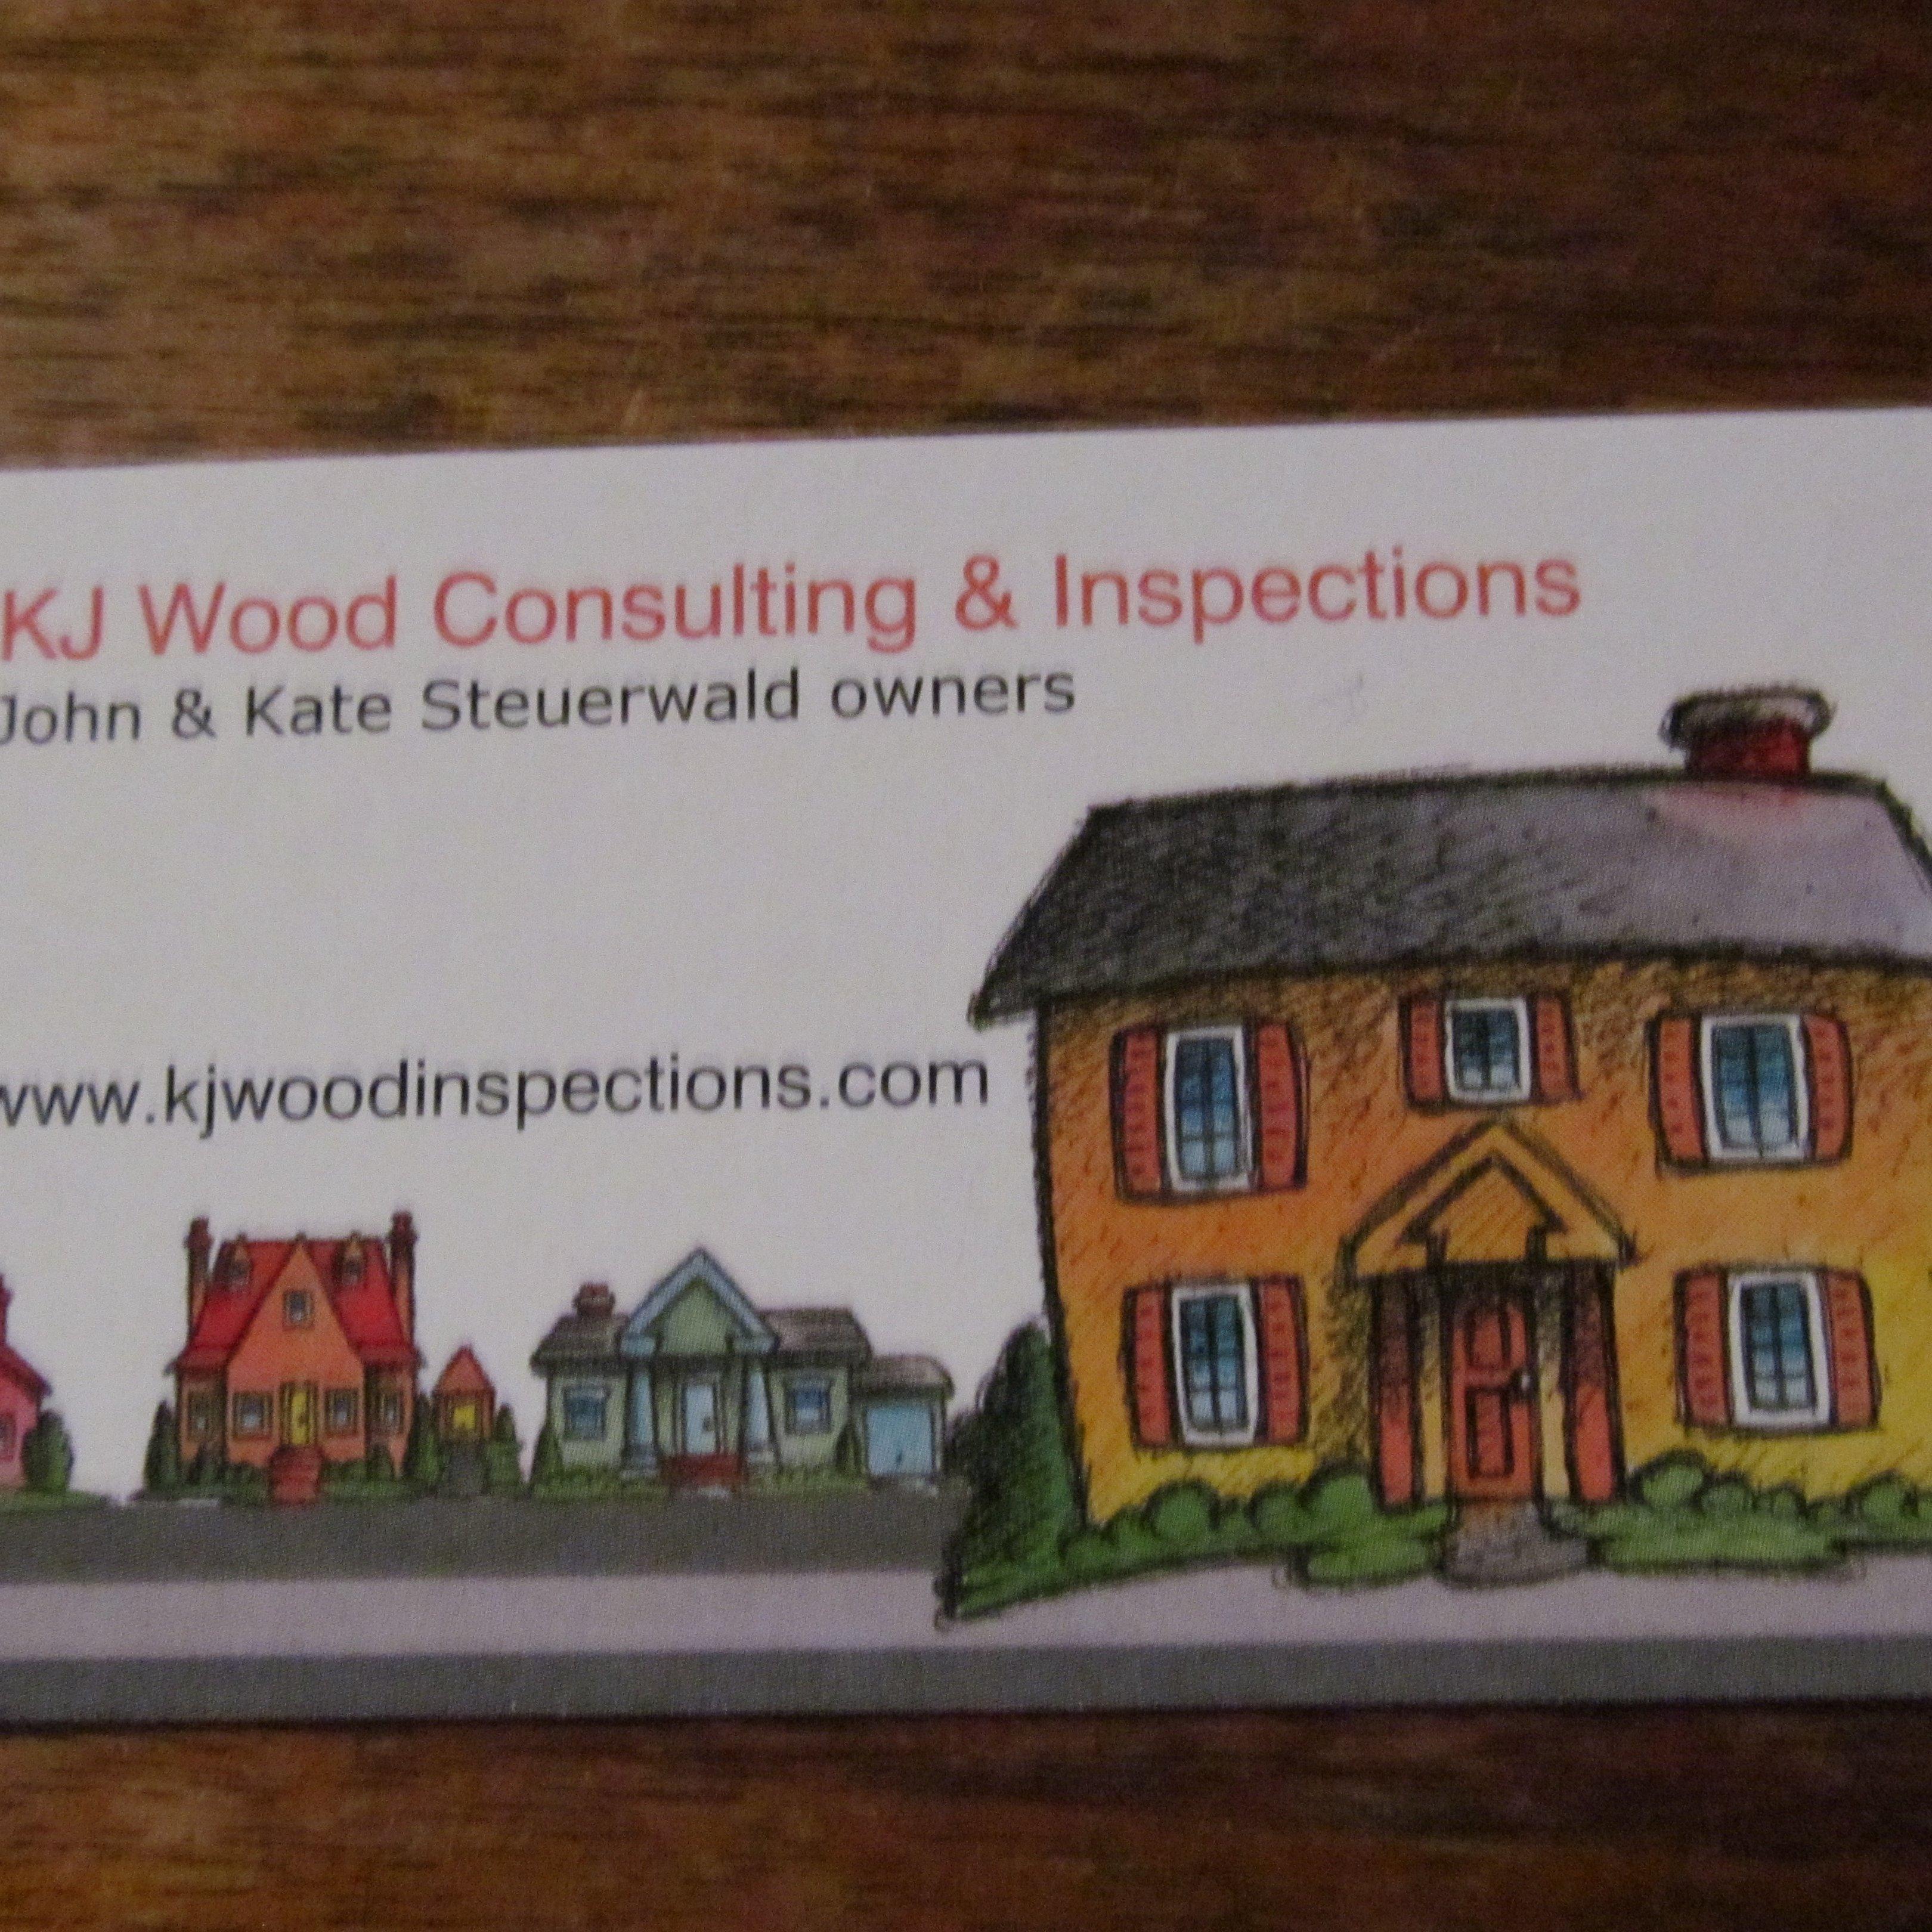 KJ Wood Inspections